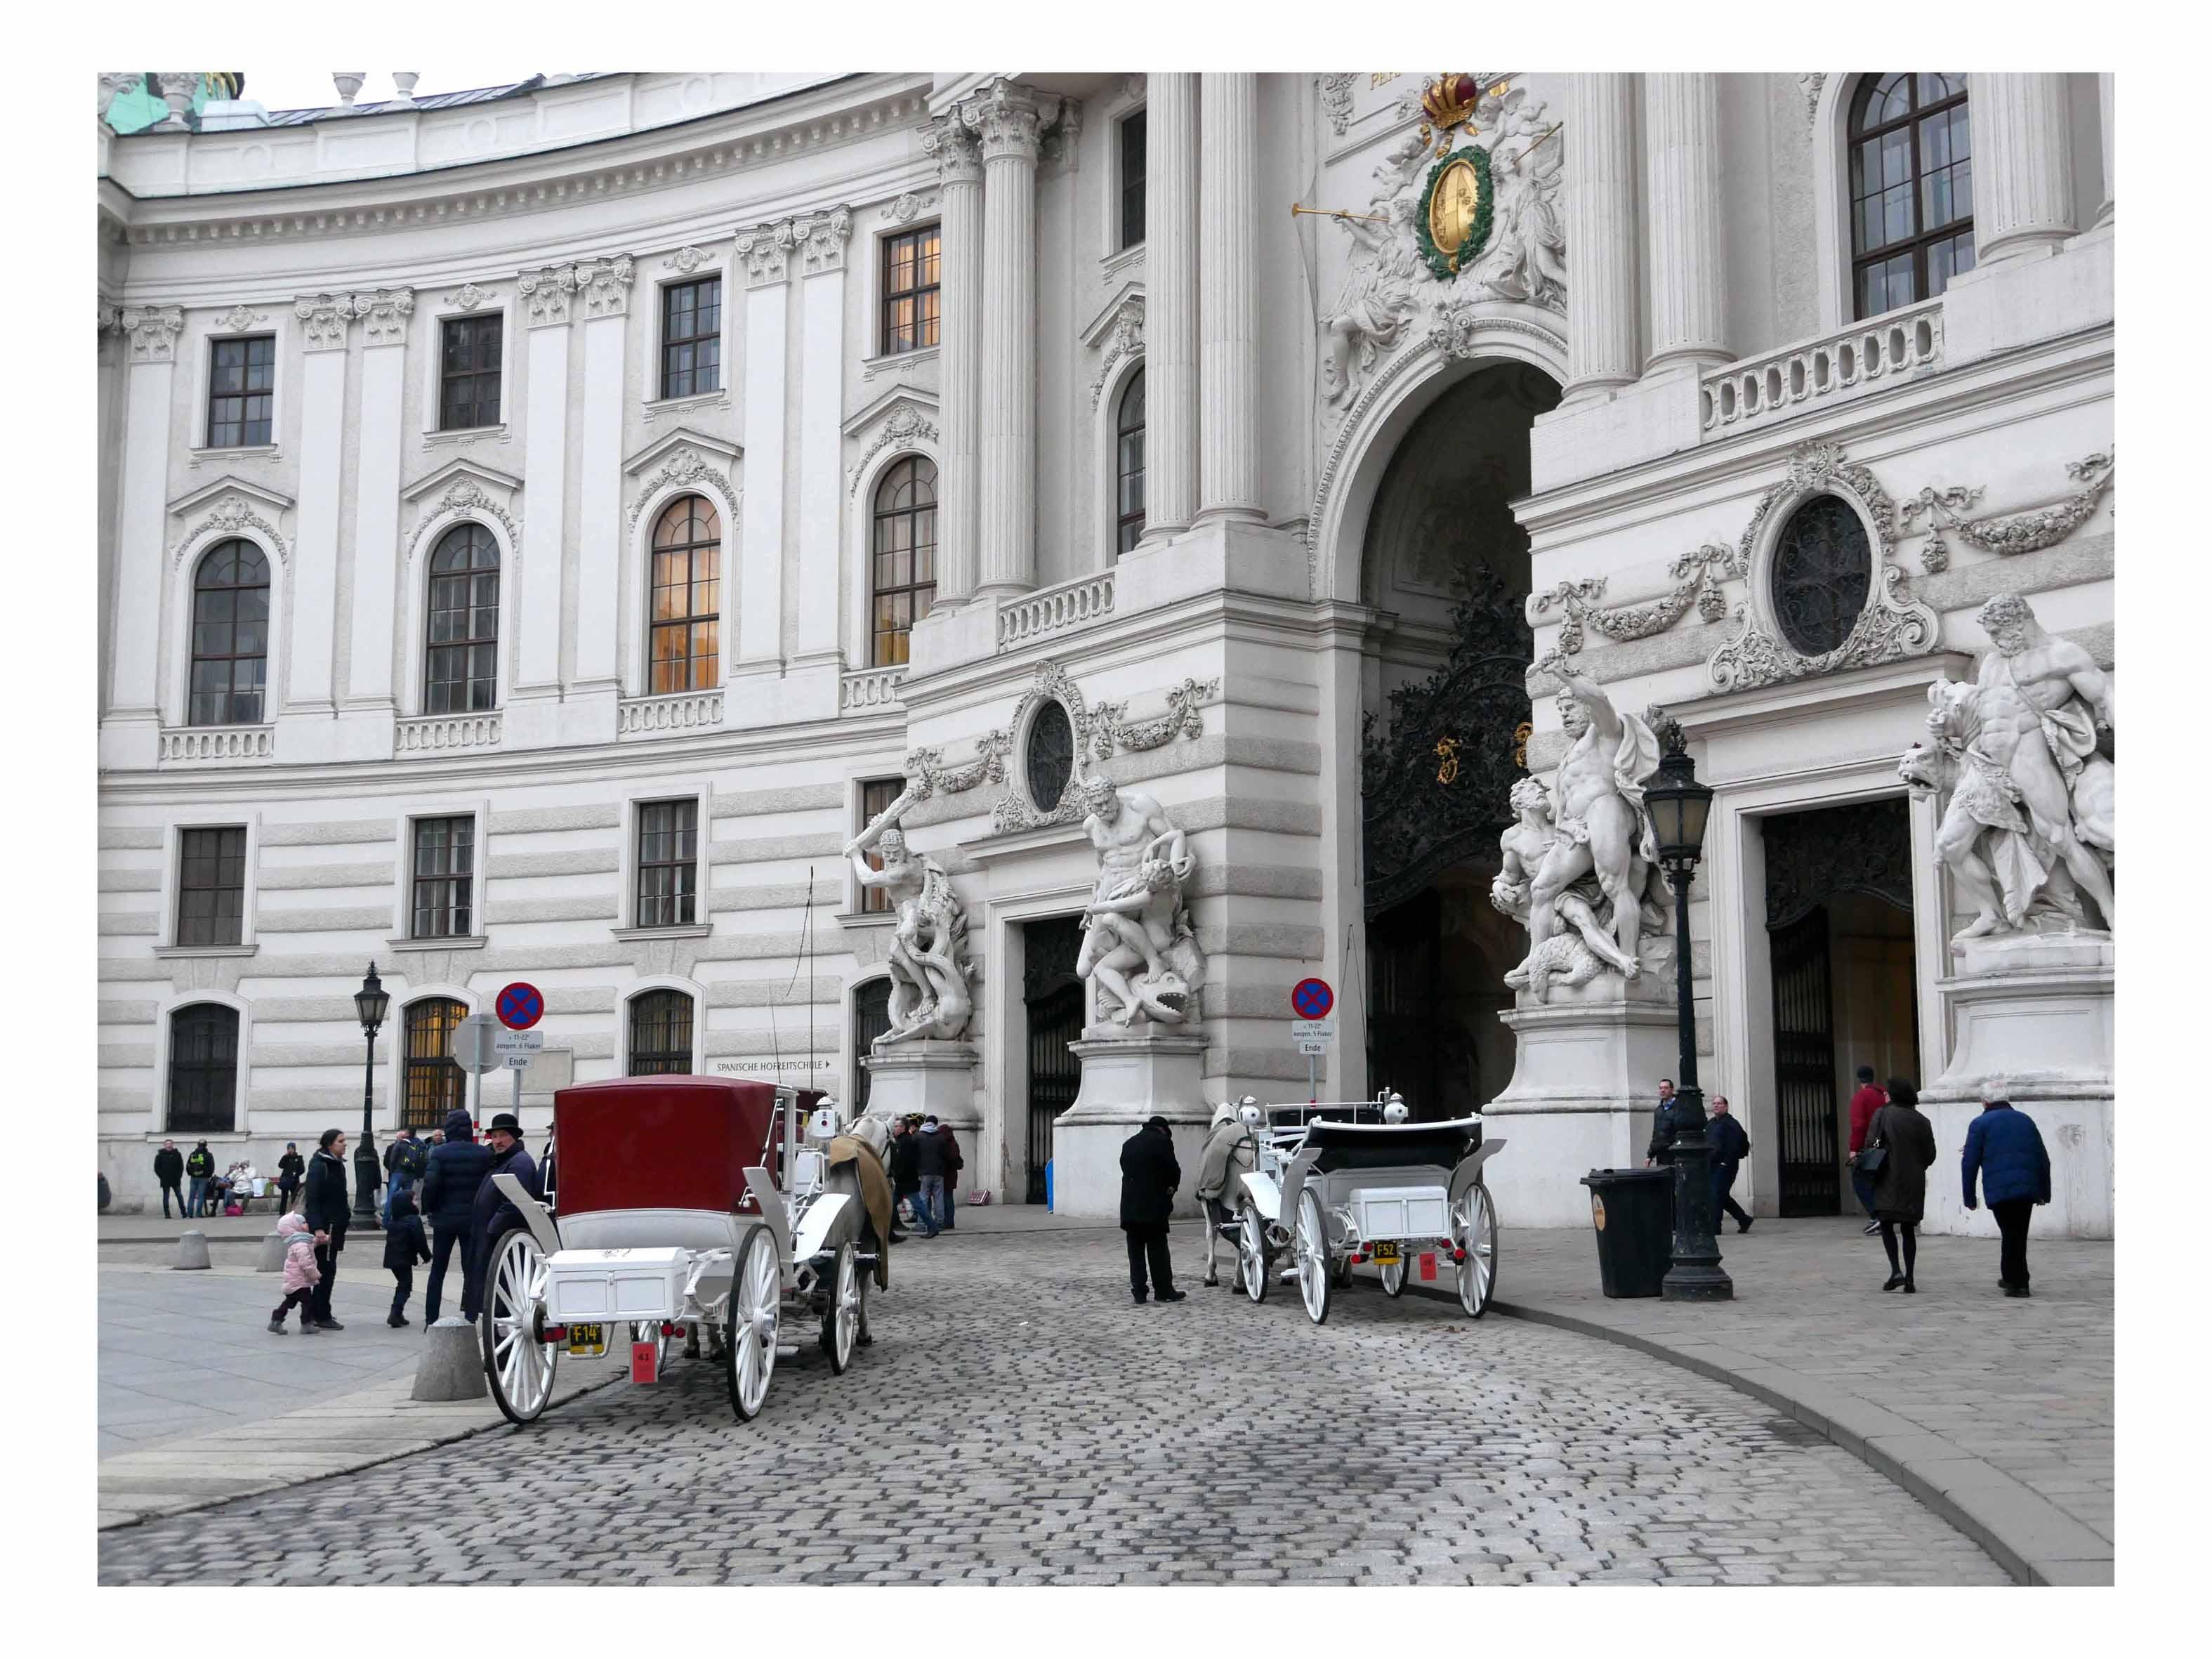 Spanische Hofreitschule Wien Artikel Im Blog Von Angeline Bauer